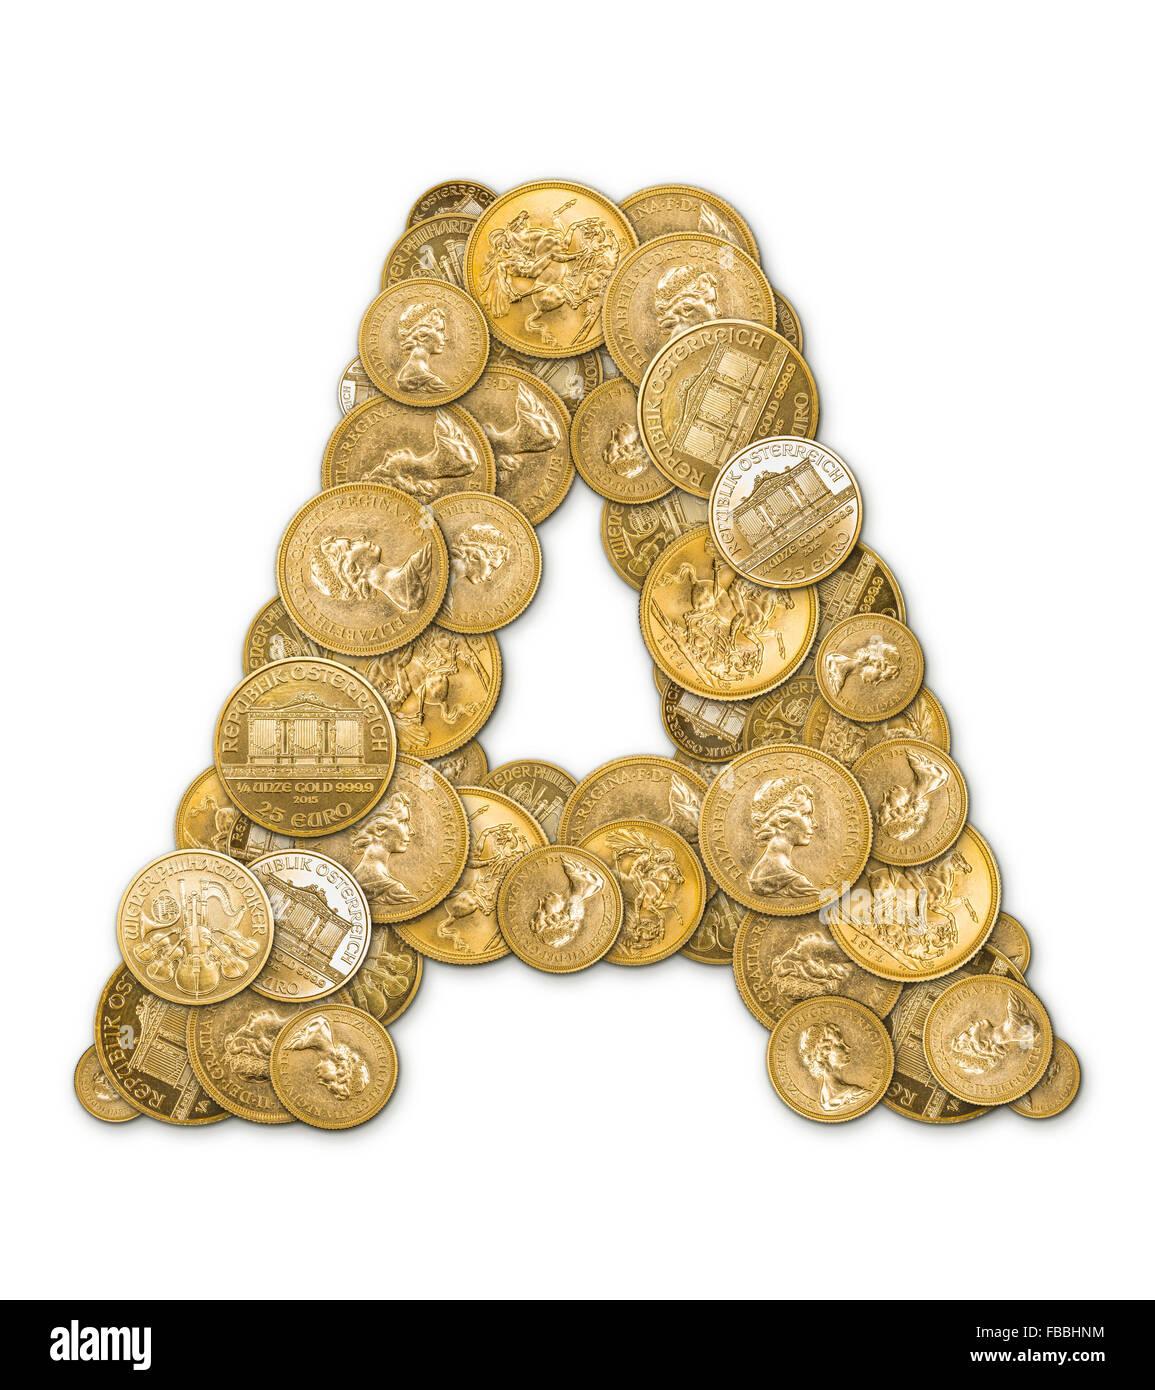 Buchstaben A Hergestellt Aus Gold Münzen Geld Isoliert Auf Weißem